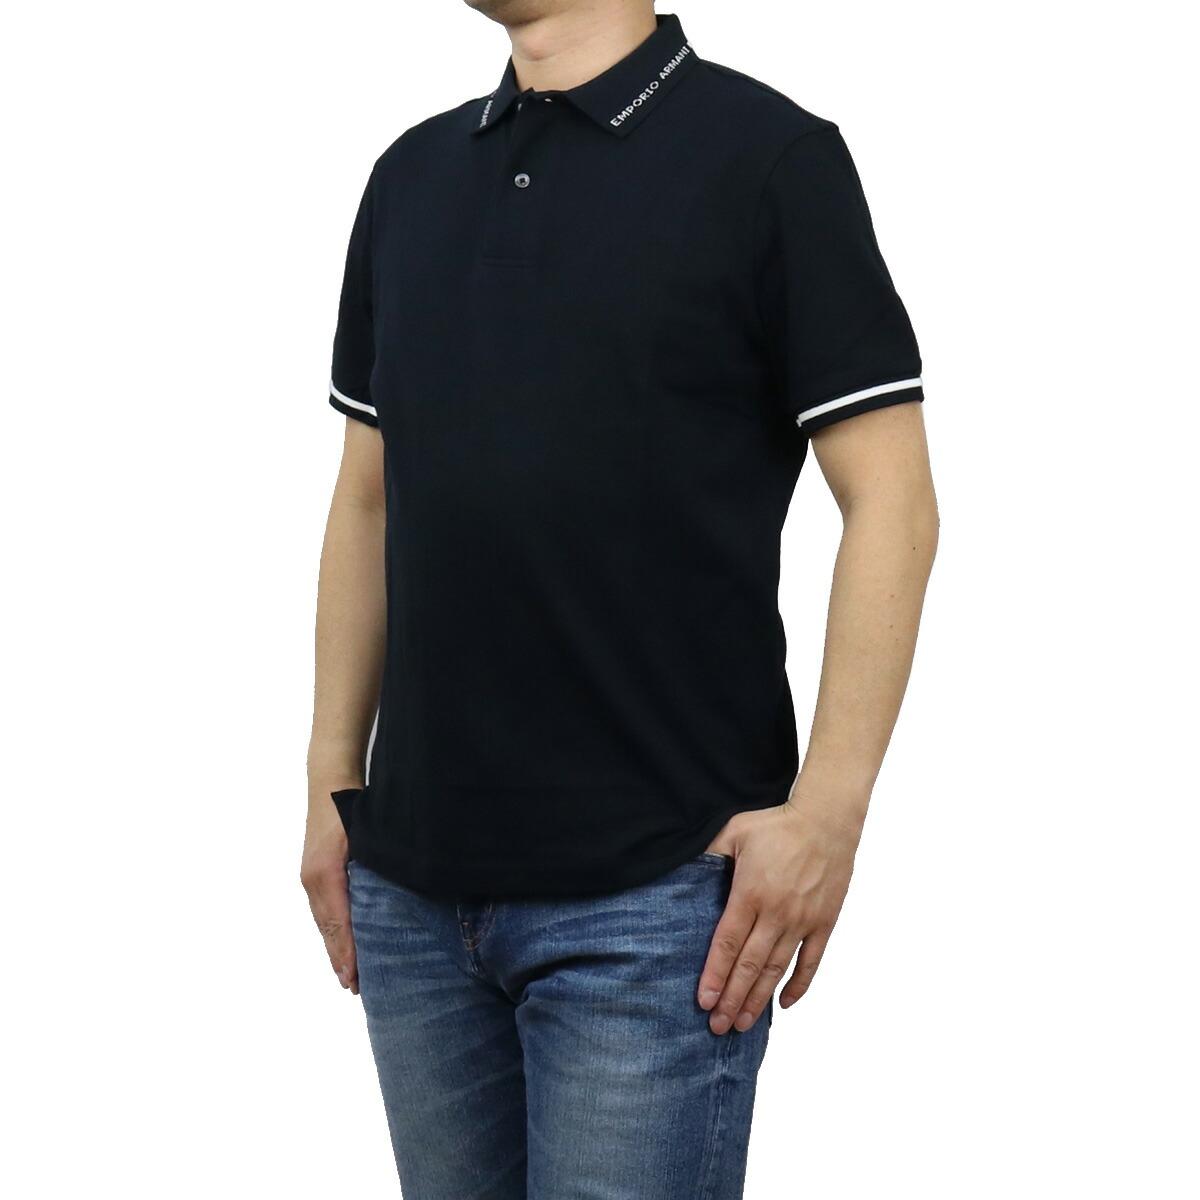 エンポリオ・アルマーニ EMPORIO ARMANI メンズ-ポロシャツ 3K1FA4 1JPTZ 09A8 ネイビー系 bos-19 apparel-01 polo-01 メンズ